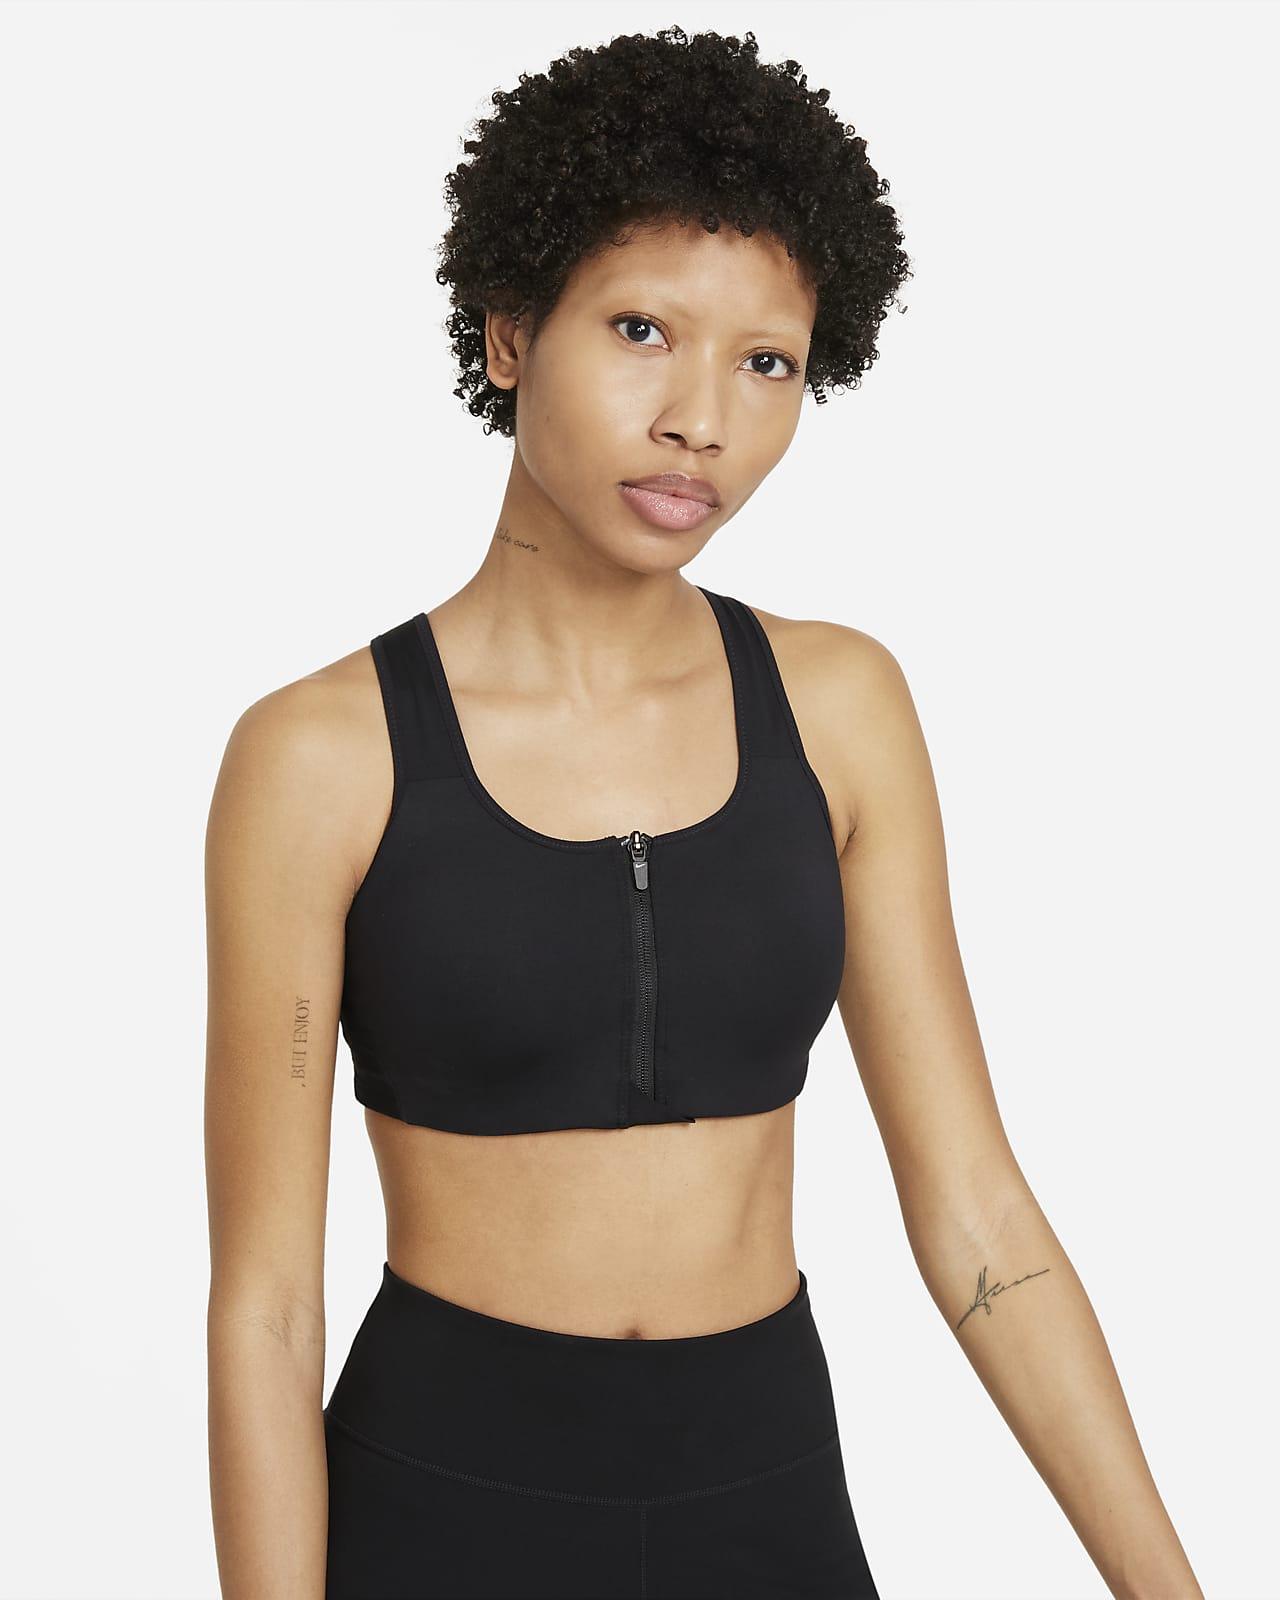 Dámská sportovní podprsenka Nike Dri-FIT Shape svycpávkami, vysokou oporou azipem vpředu